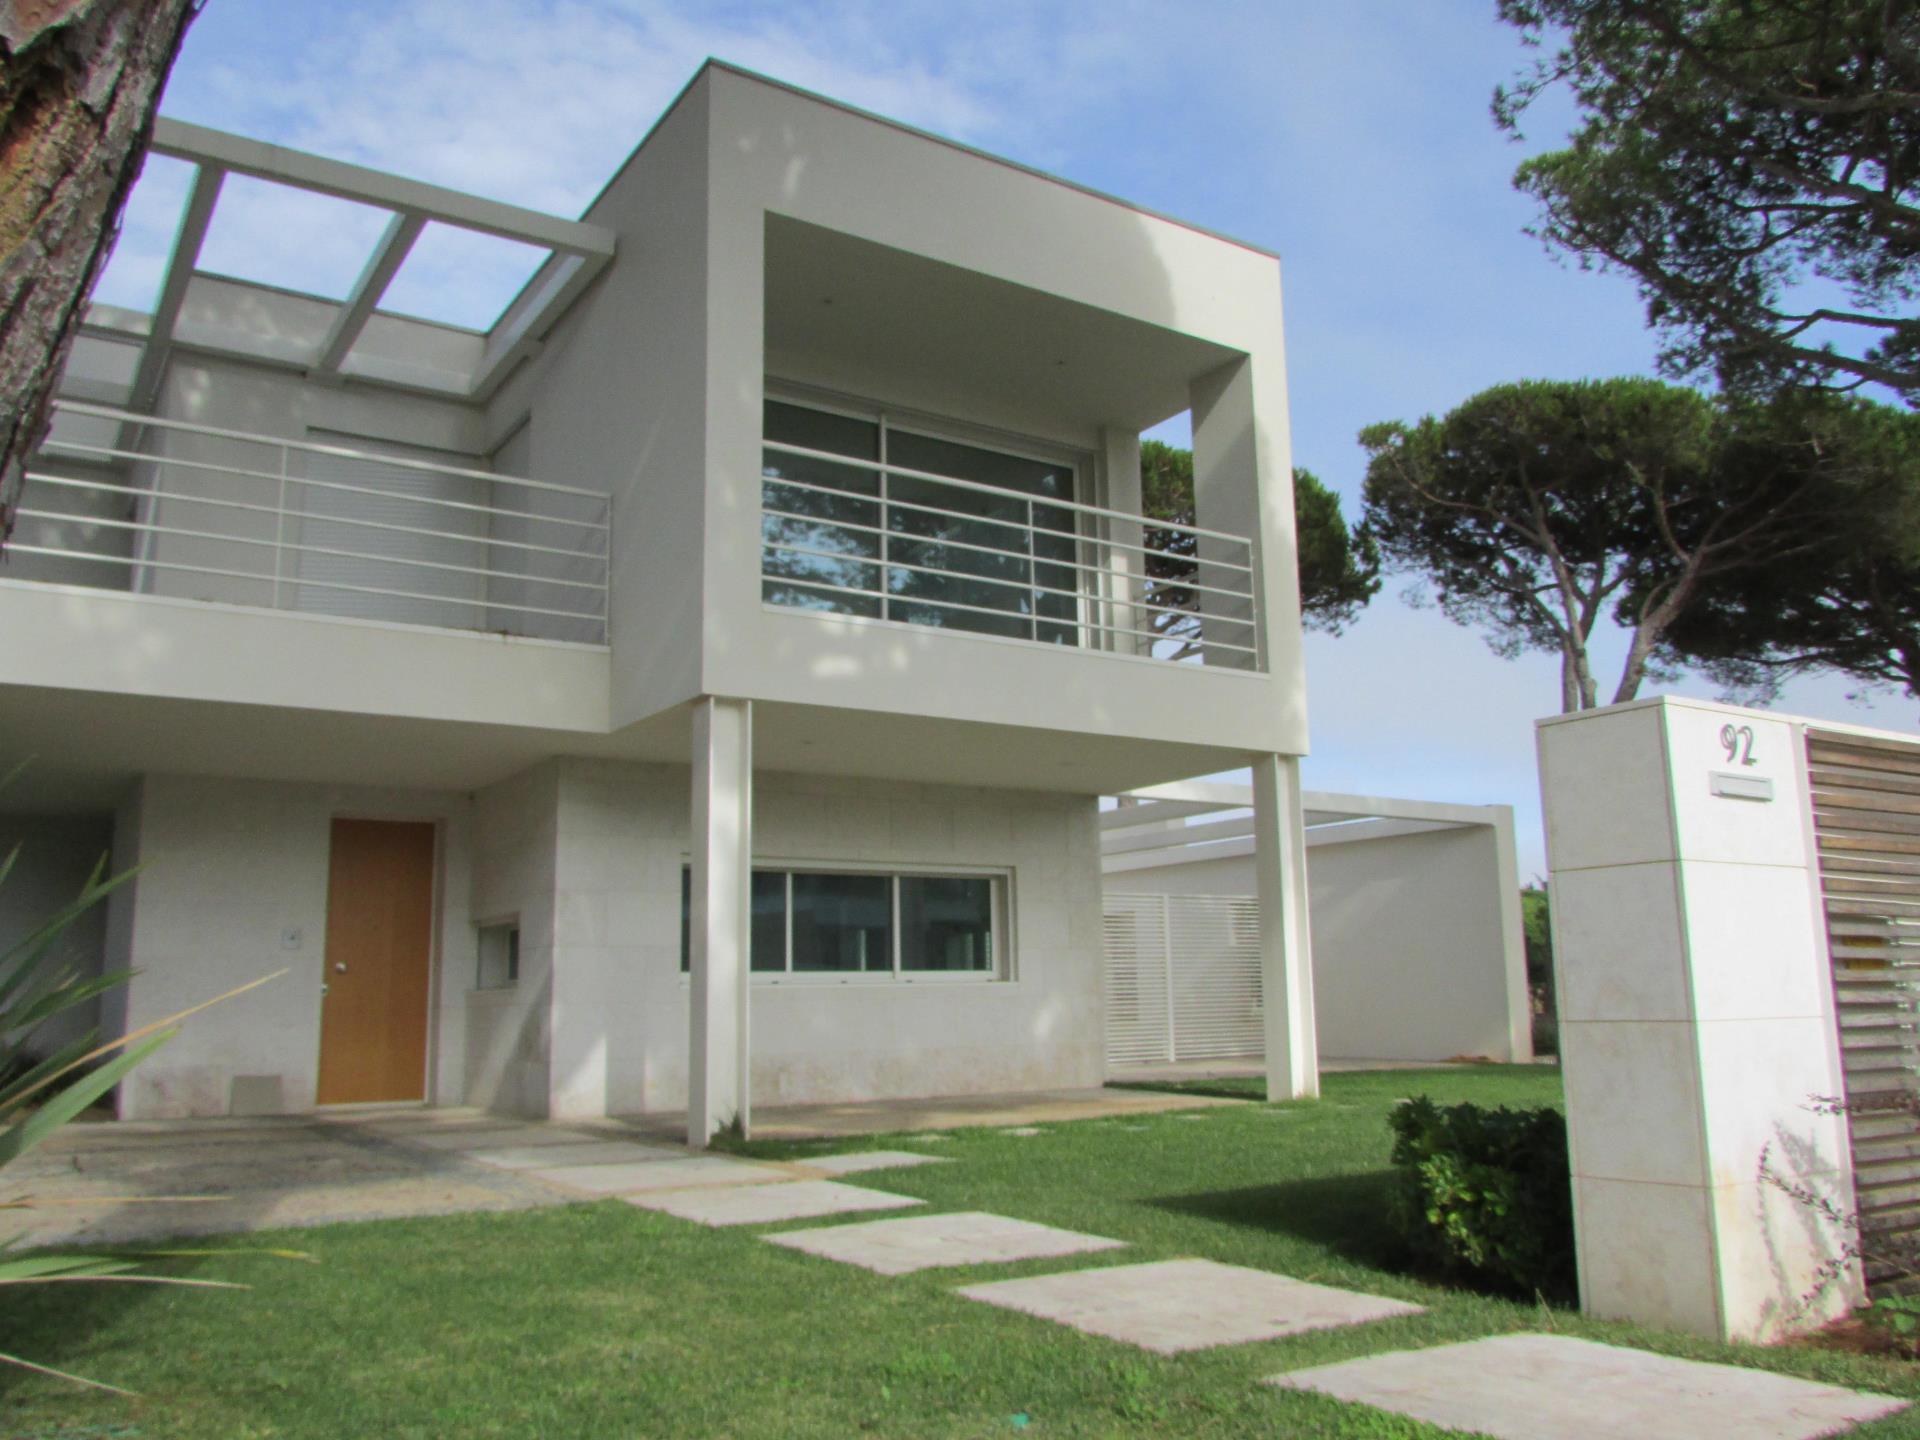 Maison unifamiliale pour l Vente à House, 2 bedrooms, for Sale Quinta Da Marinha, Cascais, Lisbonne Portugal